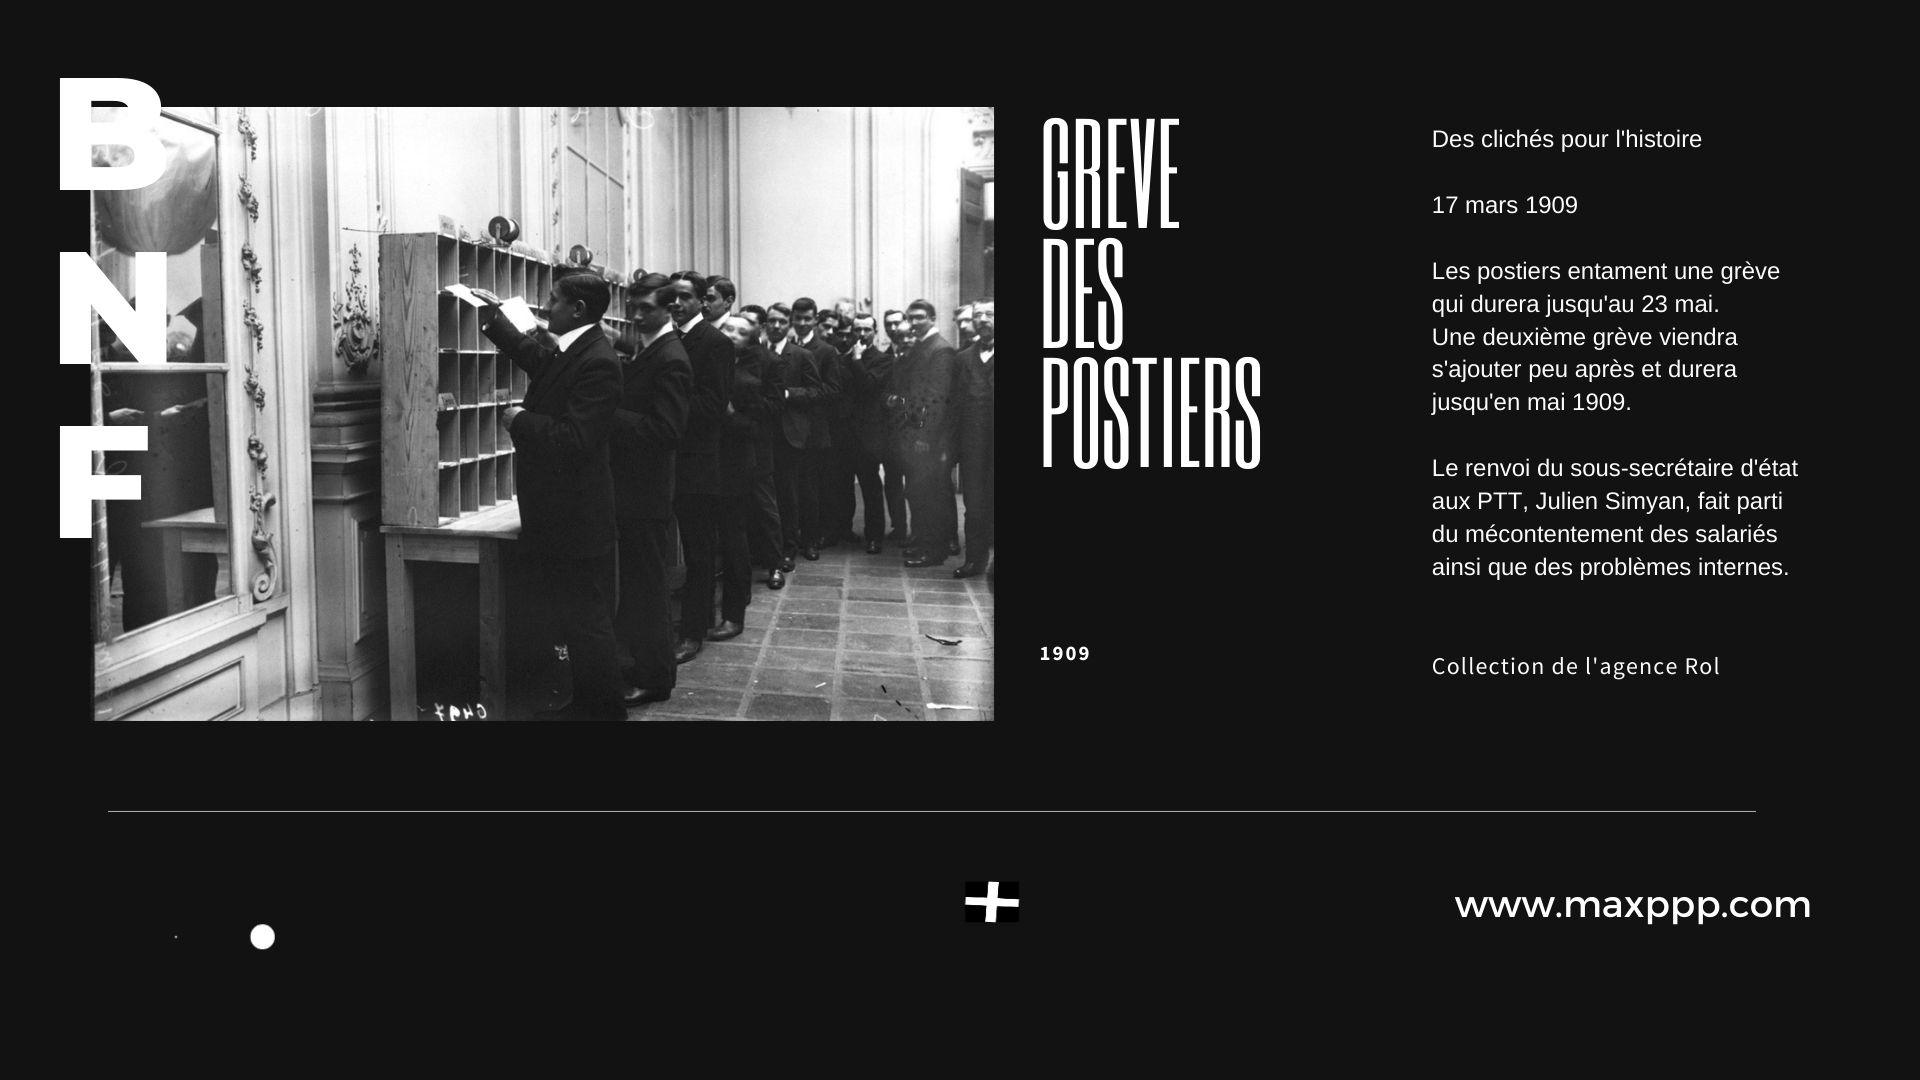 1909 - Grève des postiers